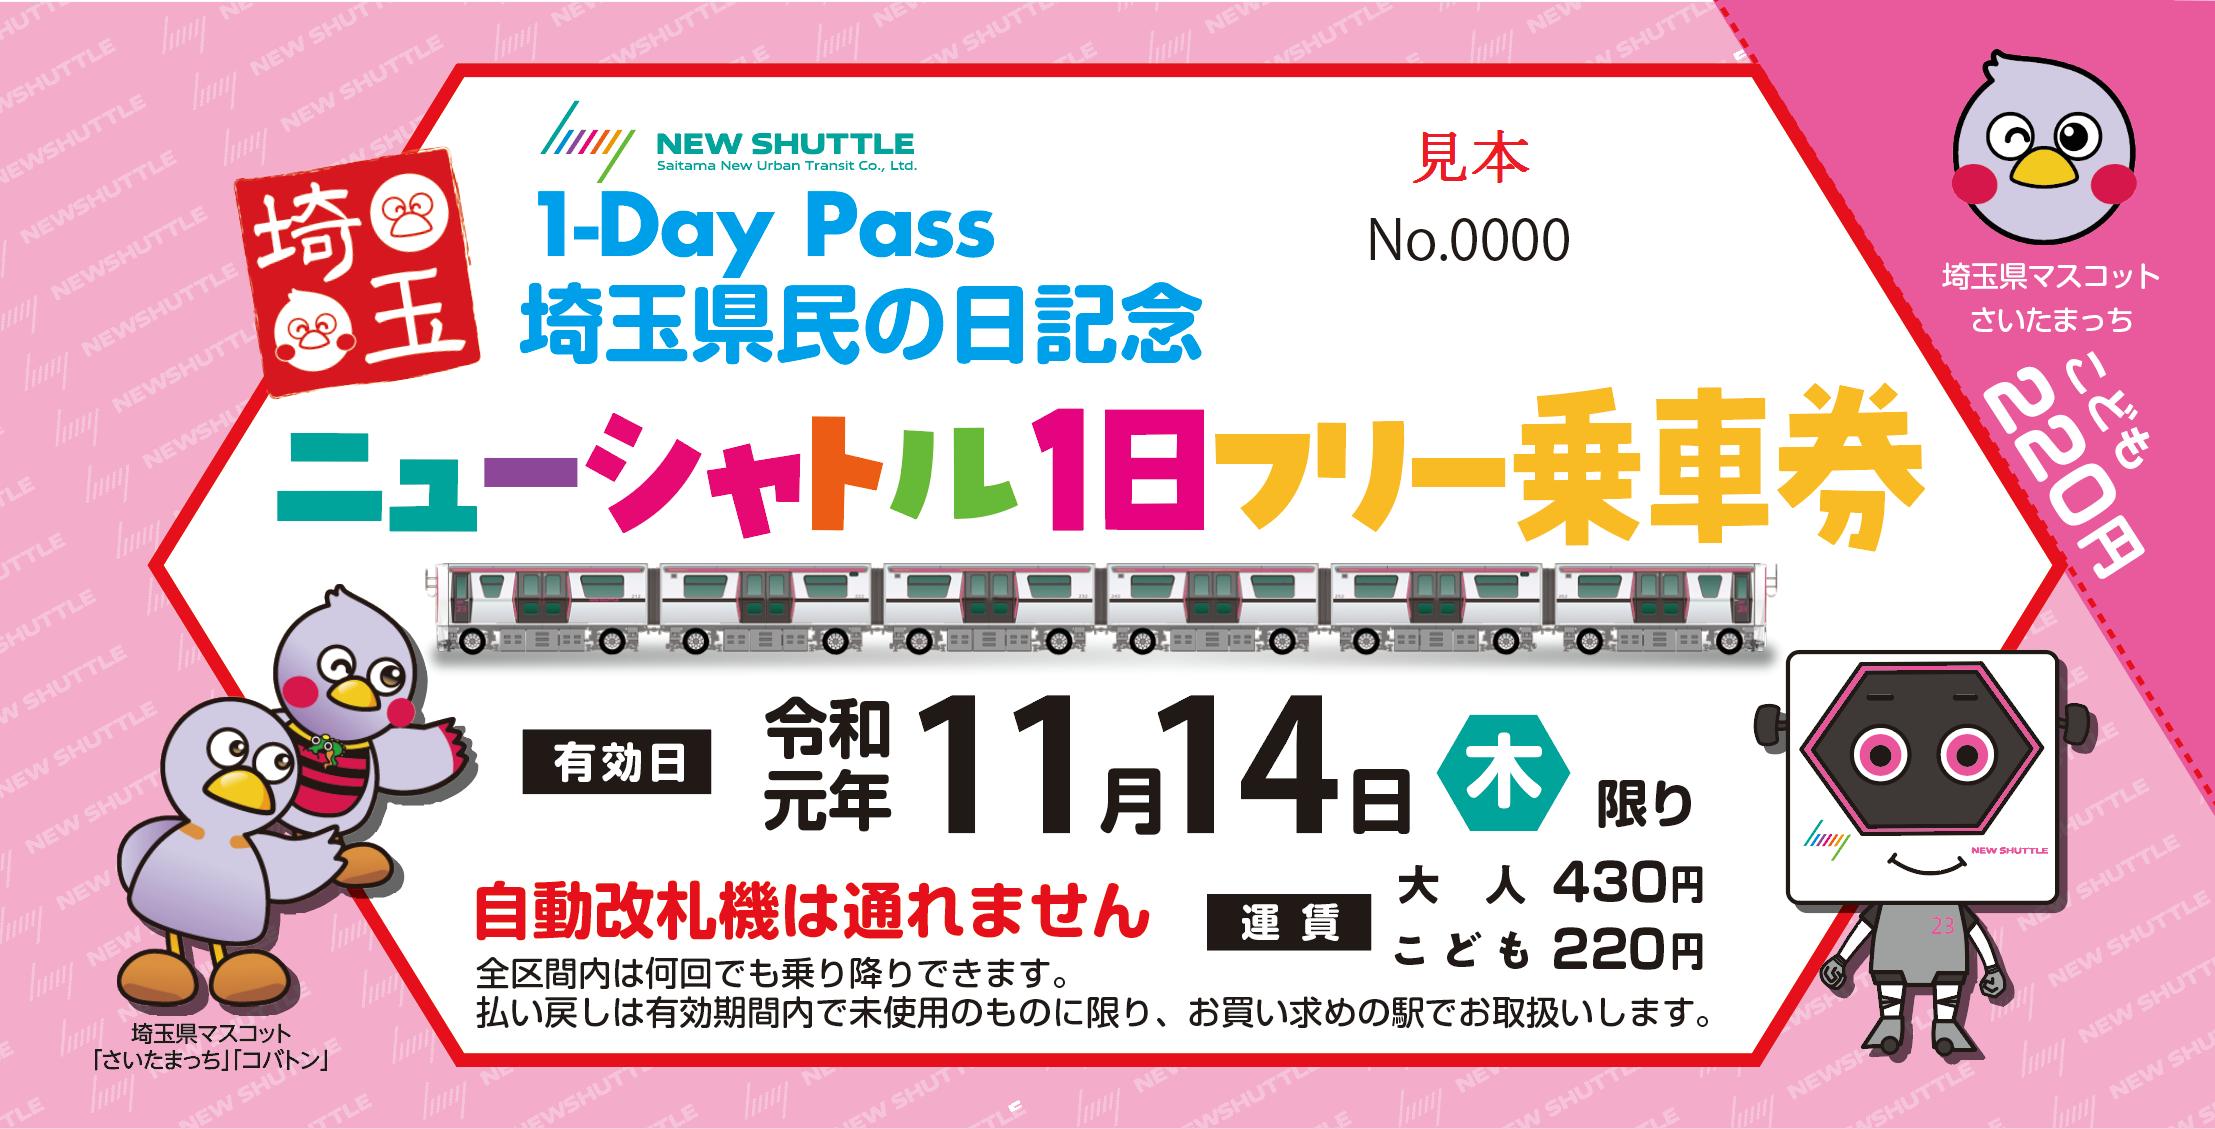 埼玉県民の日記念1日フリー乗車券